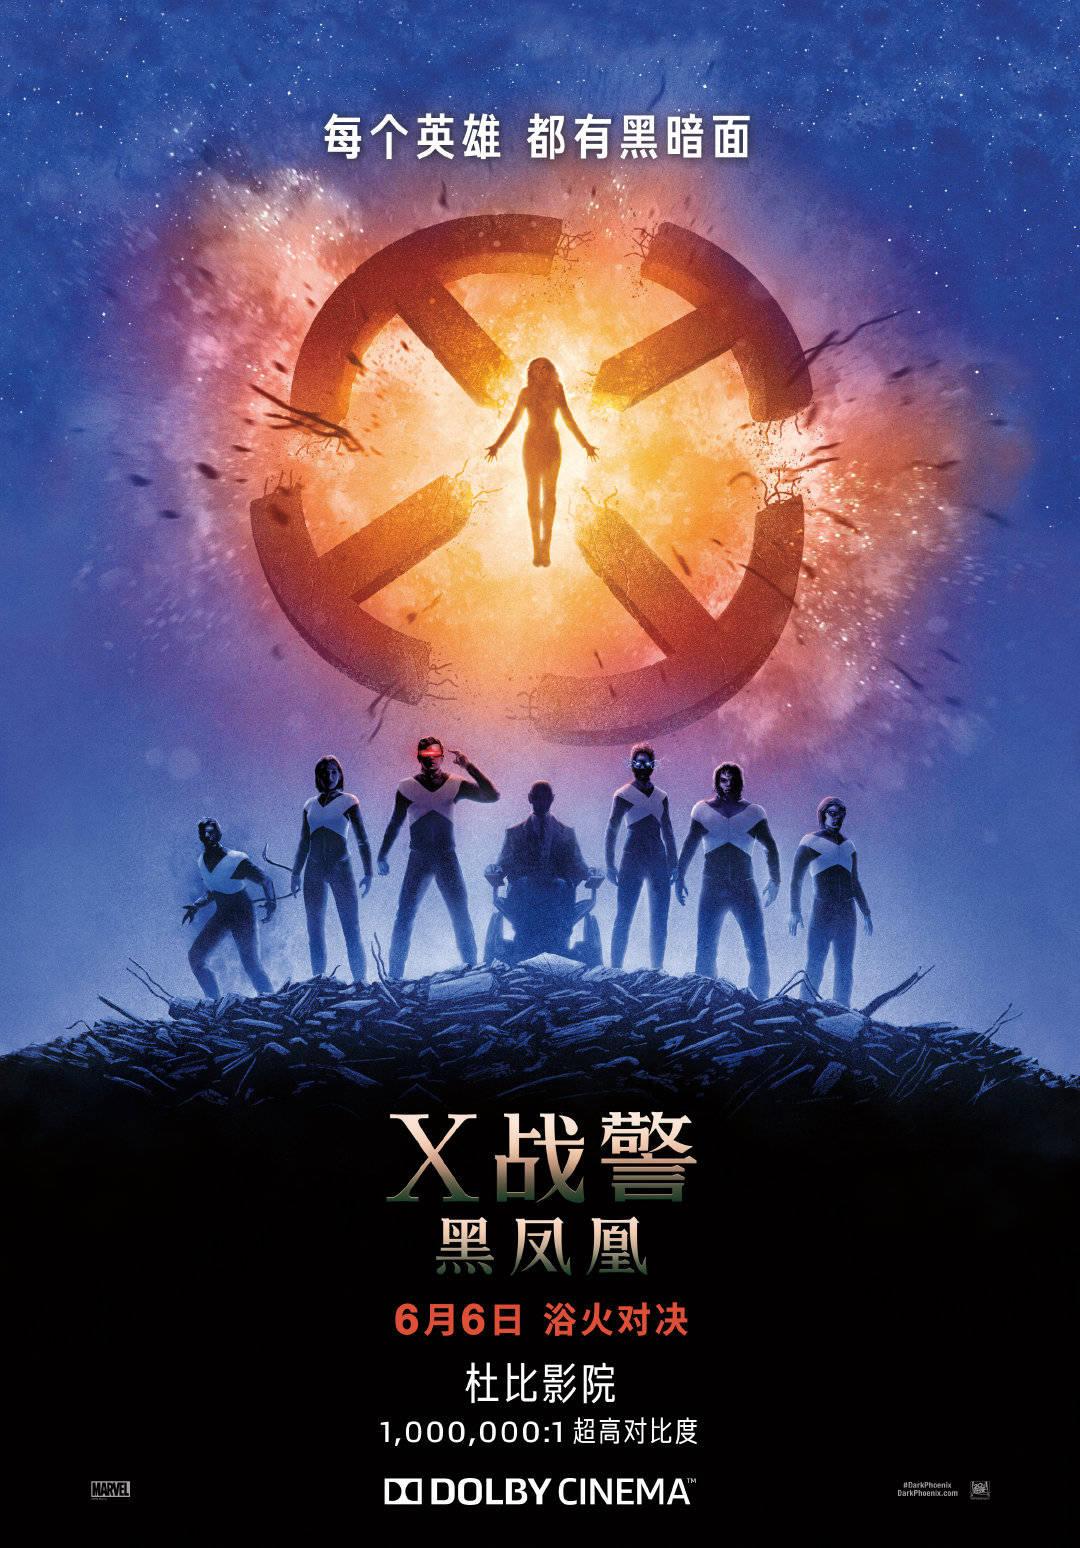 《X战警:黑凤凰》曝多张新海报 X战警四分五裂?